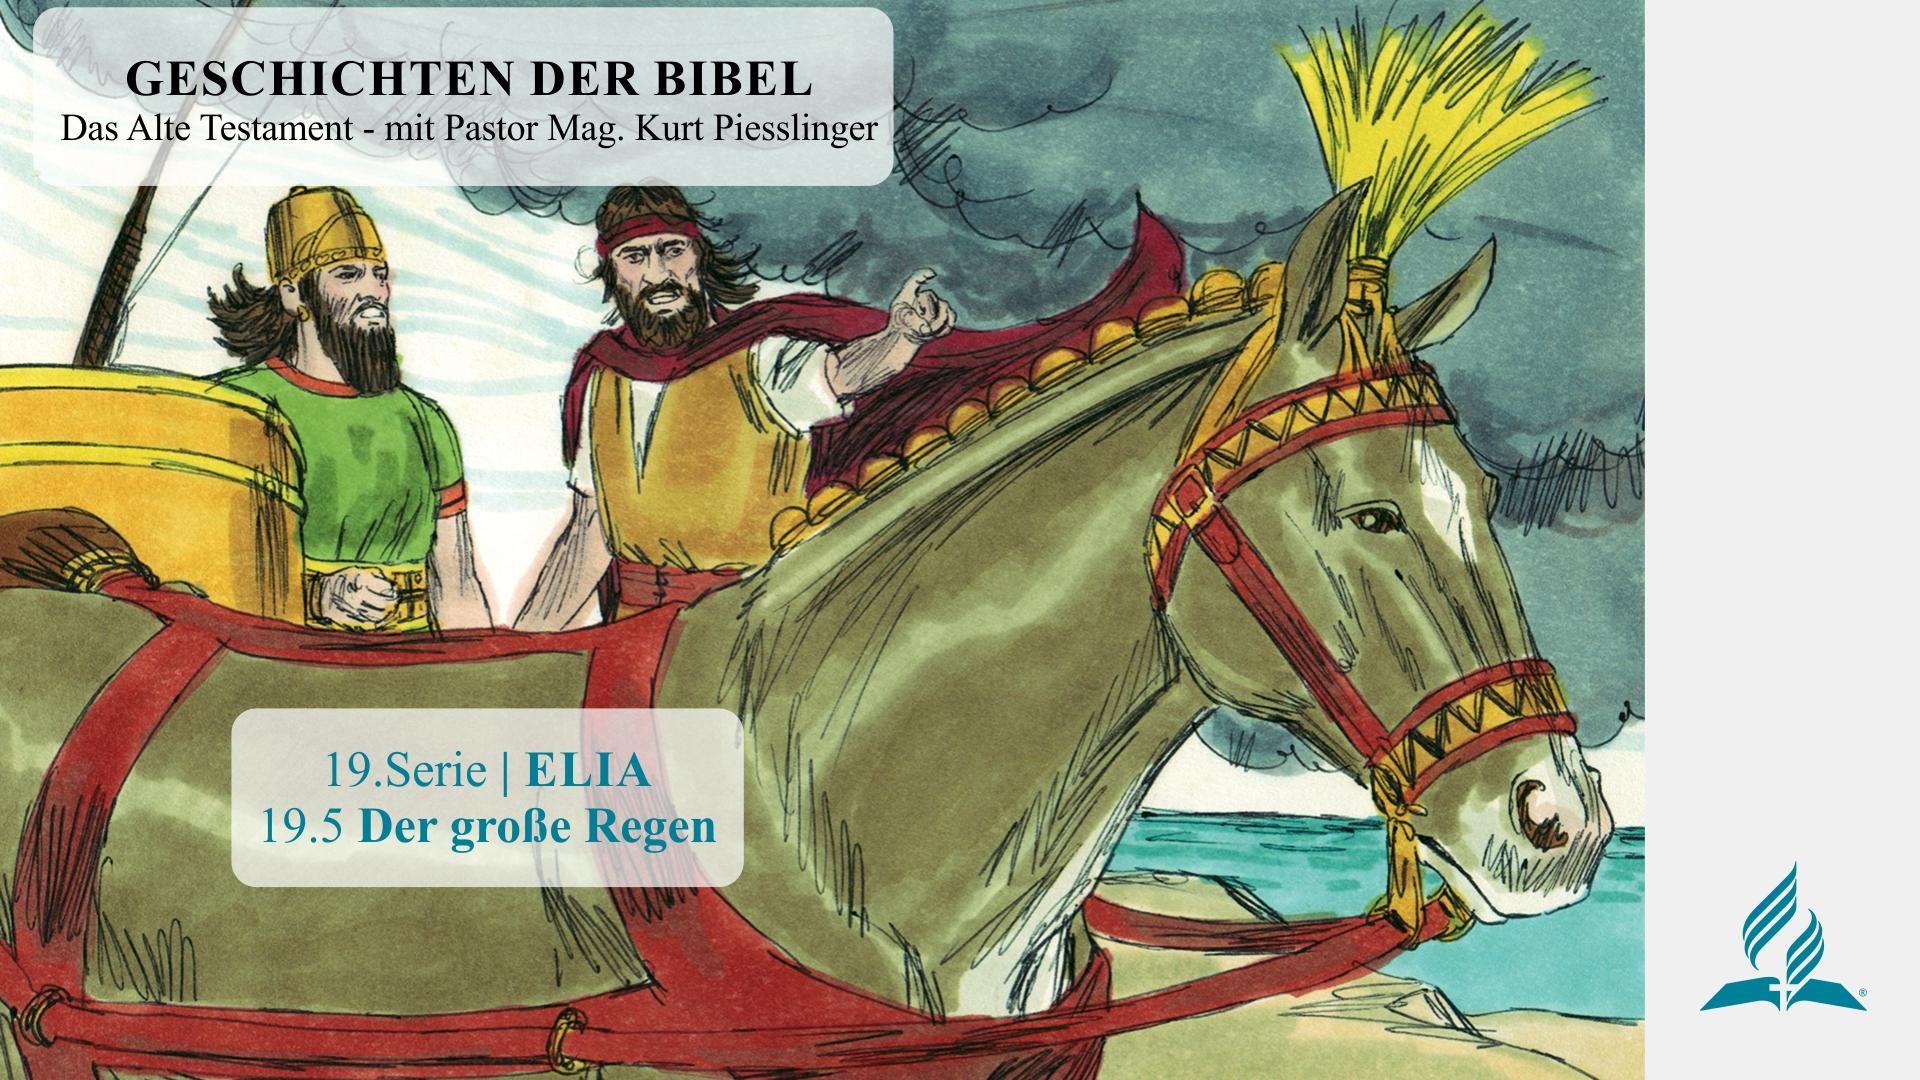 GESCHICHTEN DER BIBEL : 19.5 Der große Regen – 19.ELIA | Pastor Mag. Kurt Piesslinger